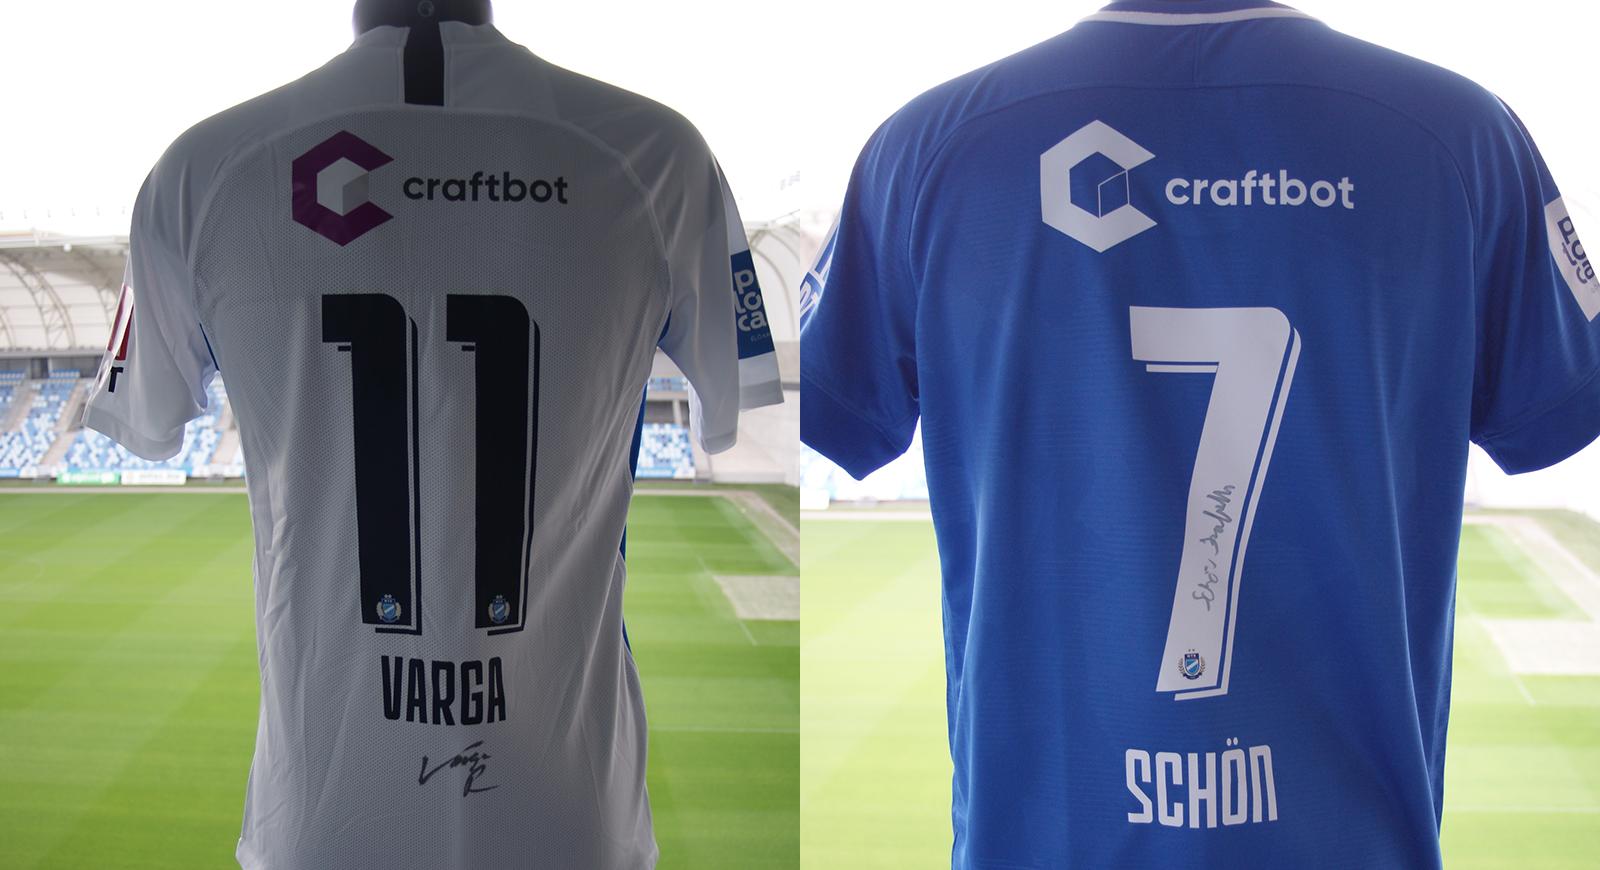 Különleges ajánlat: Schön és Varga dedikált meze a webshopban!